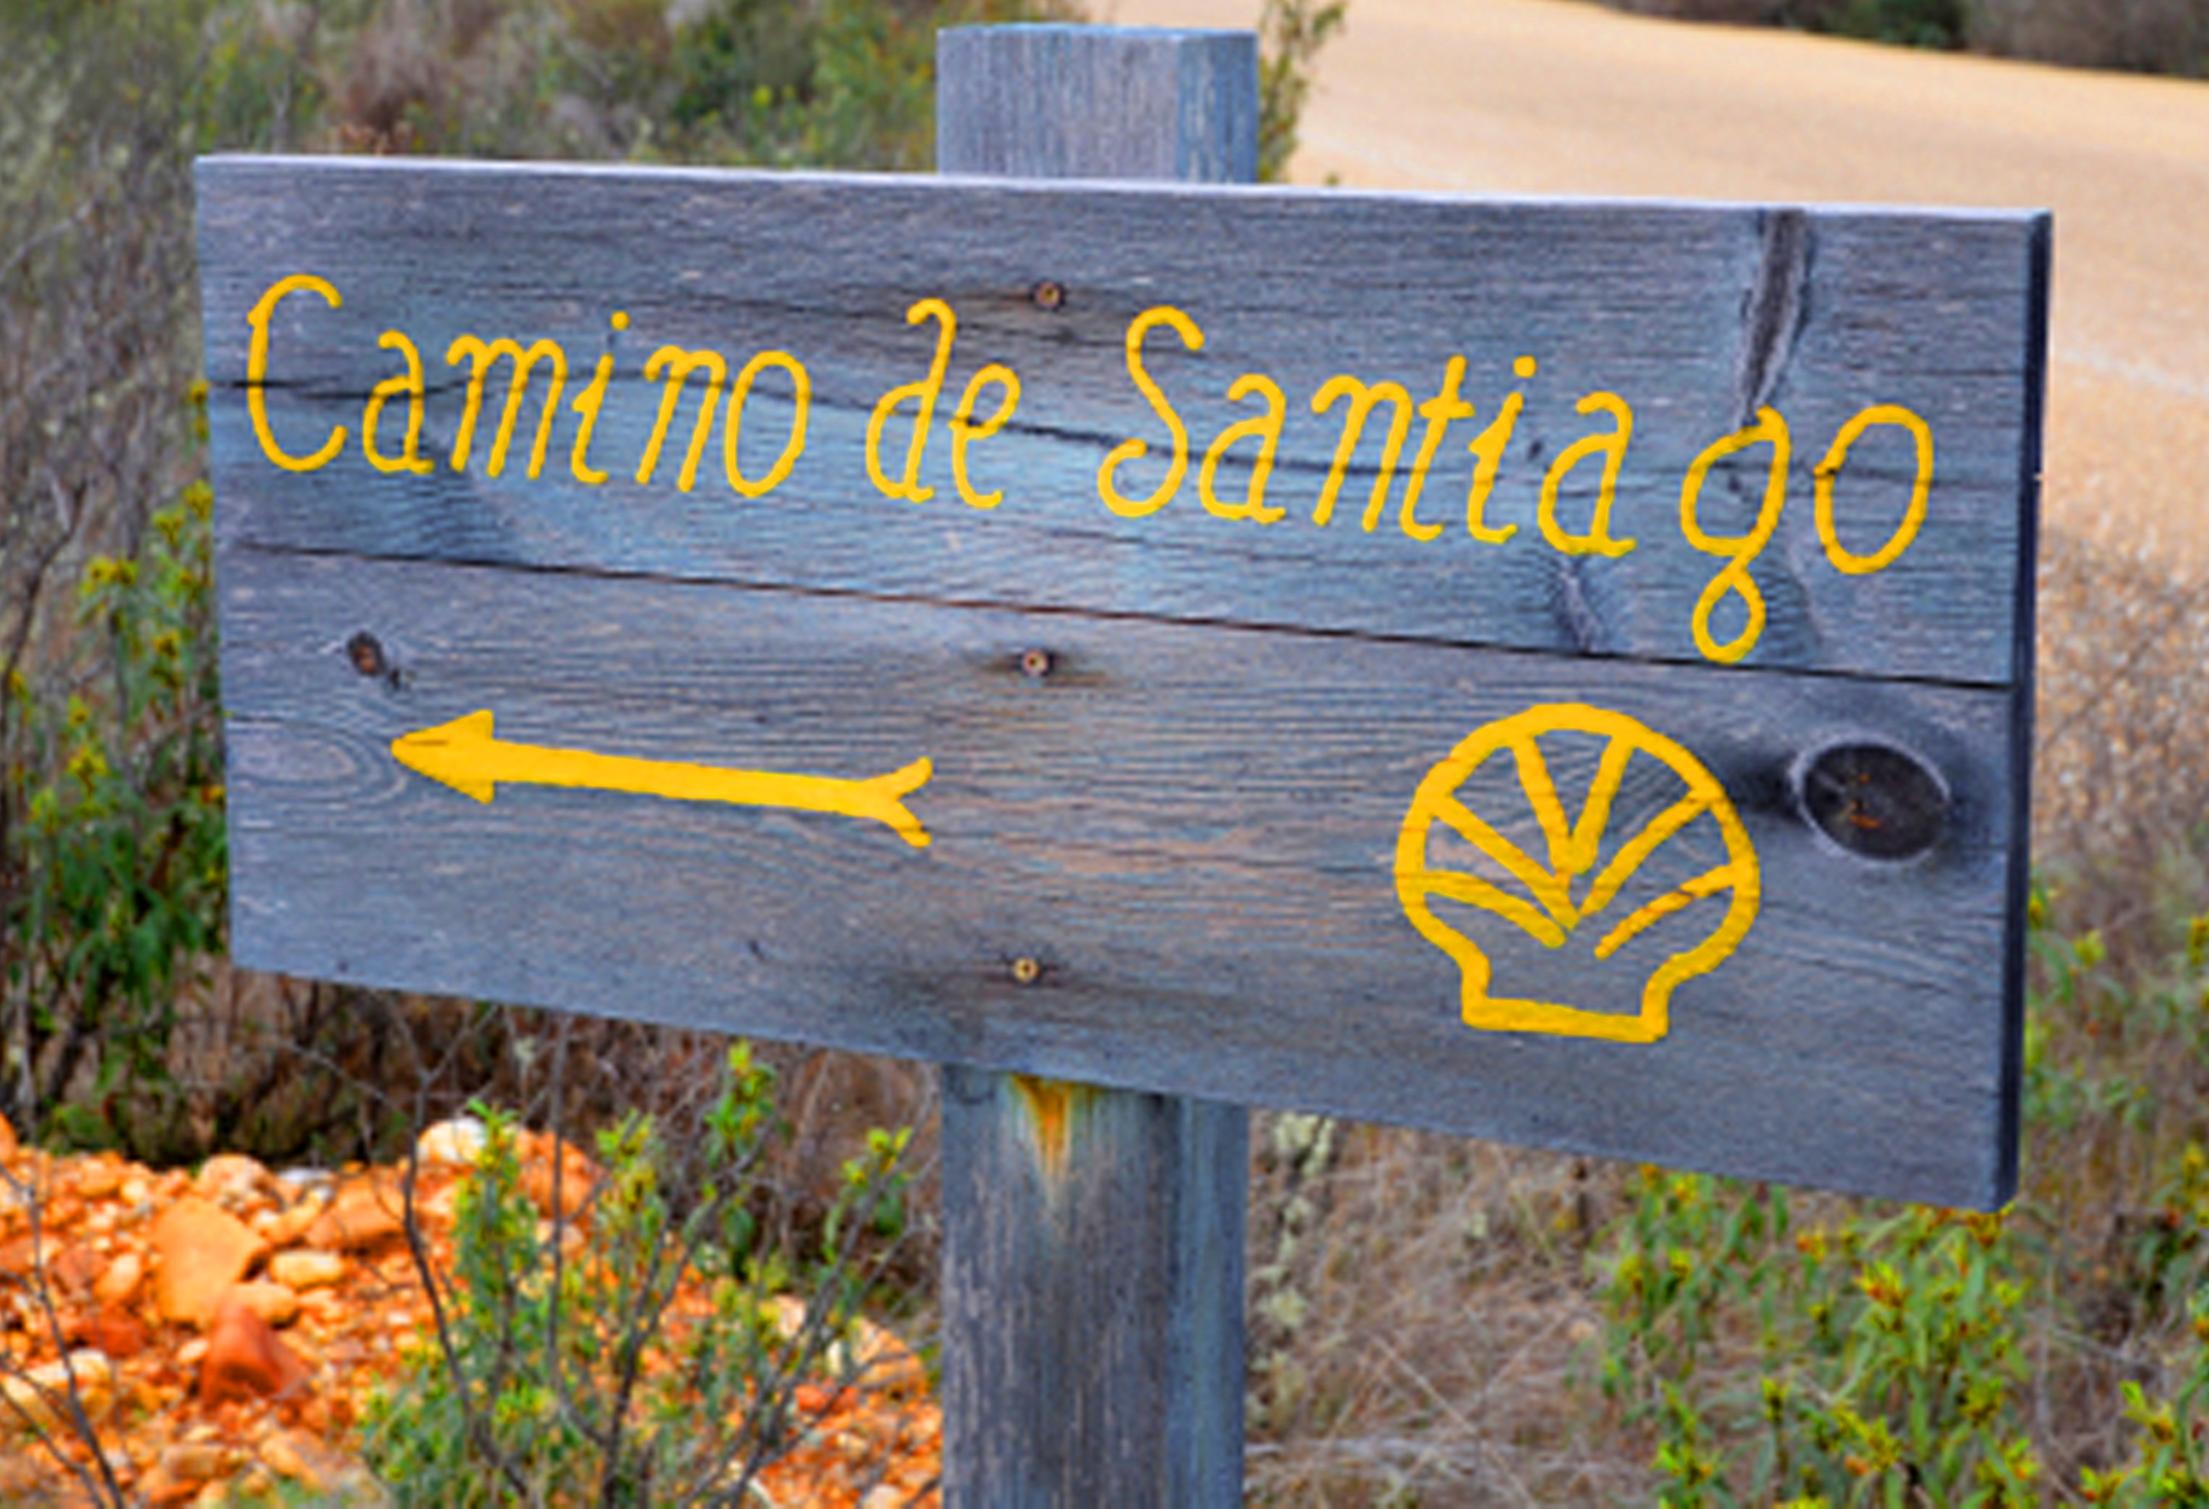 Camino de Santiago Spain